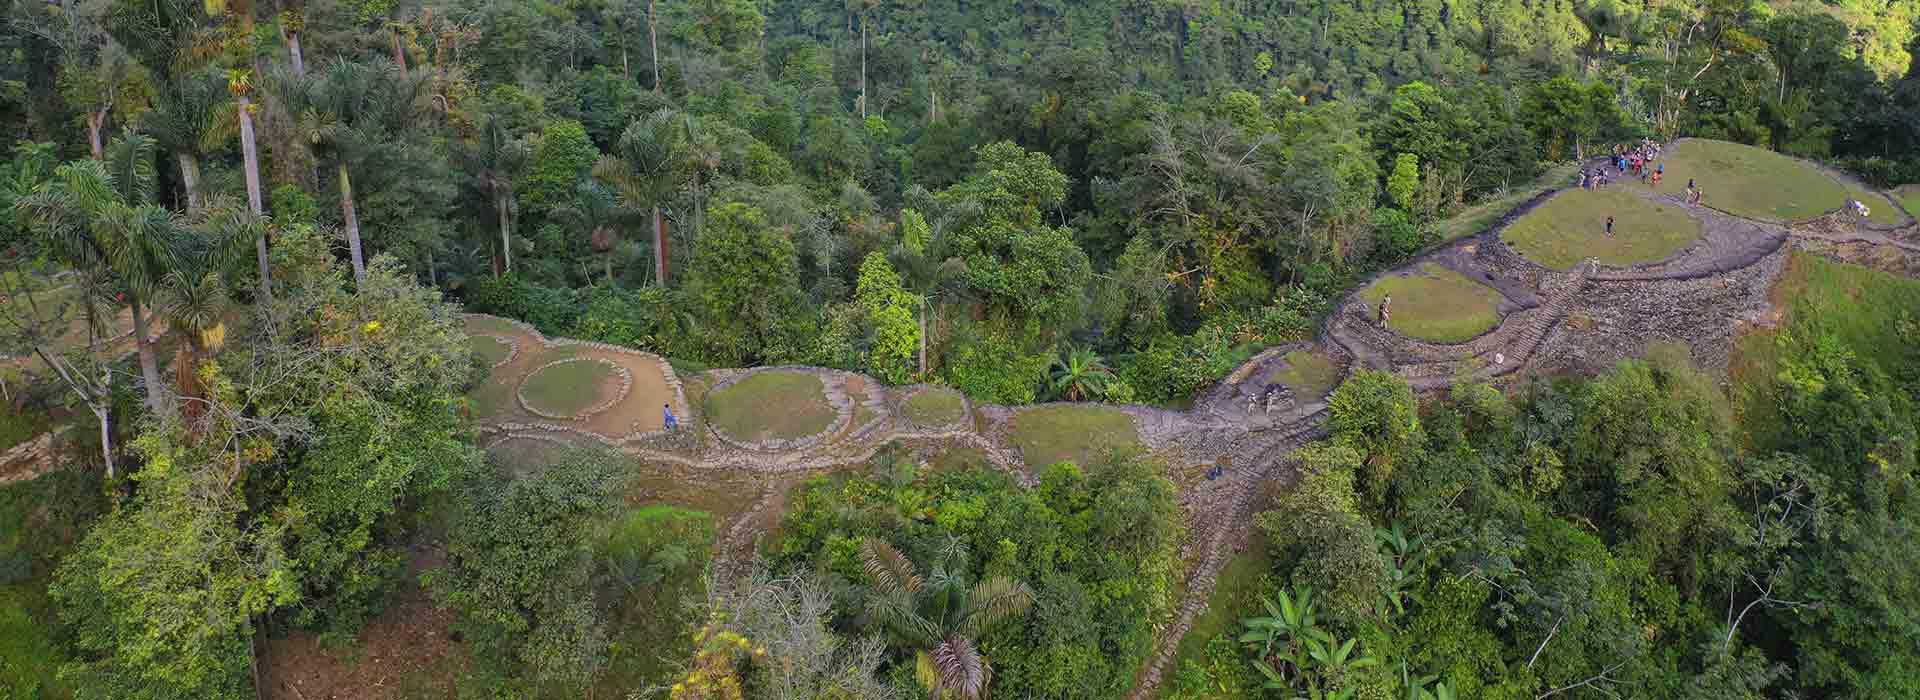 Fotos de Santa Marta Colombia